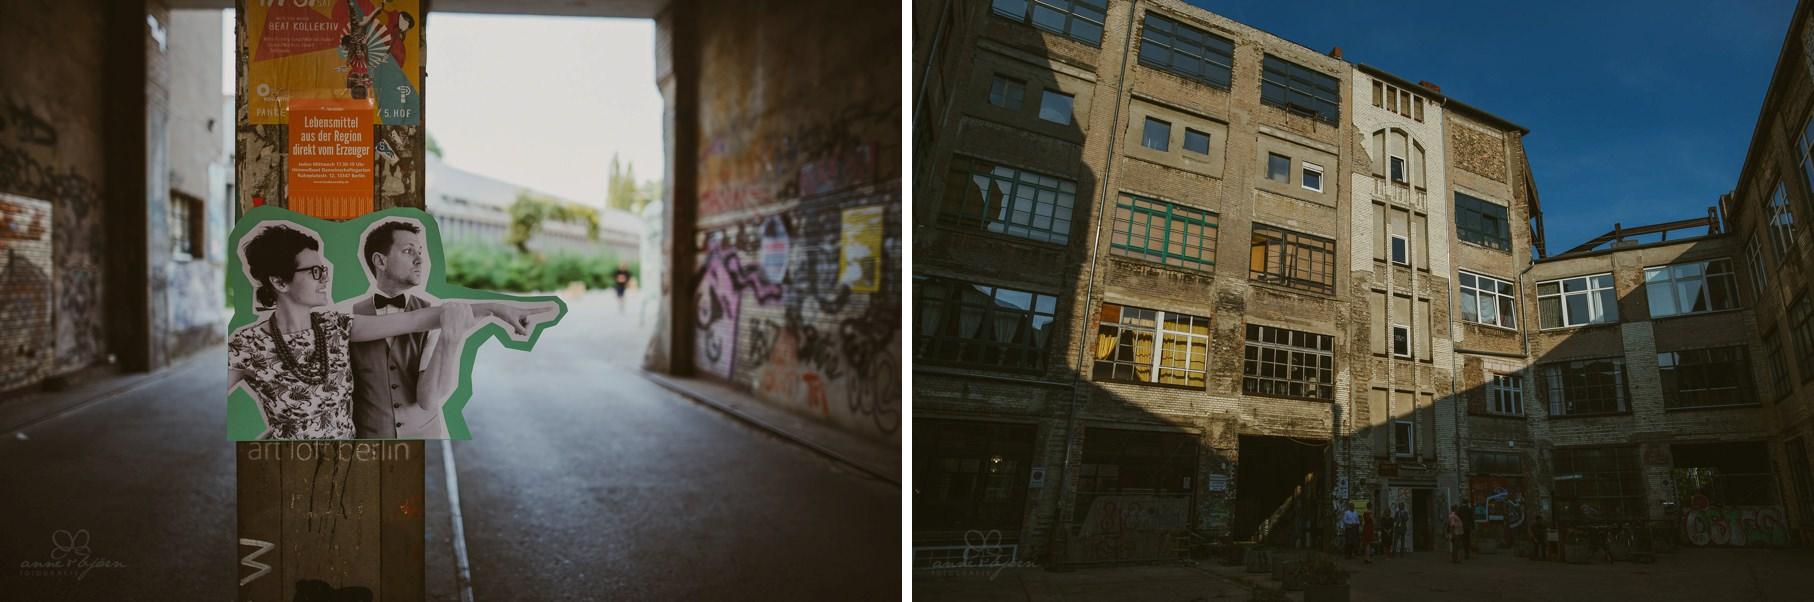 0053 sylwiaundchris d76 4851 - Bunte DIY Hochzeit in der Fabrik 23 - Berlin